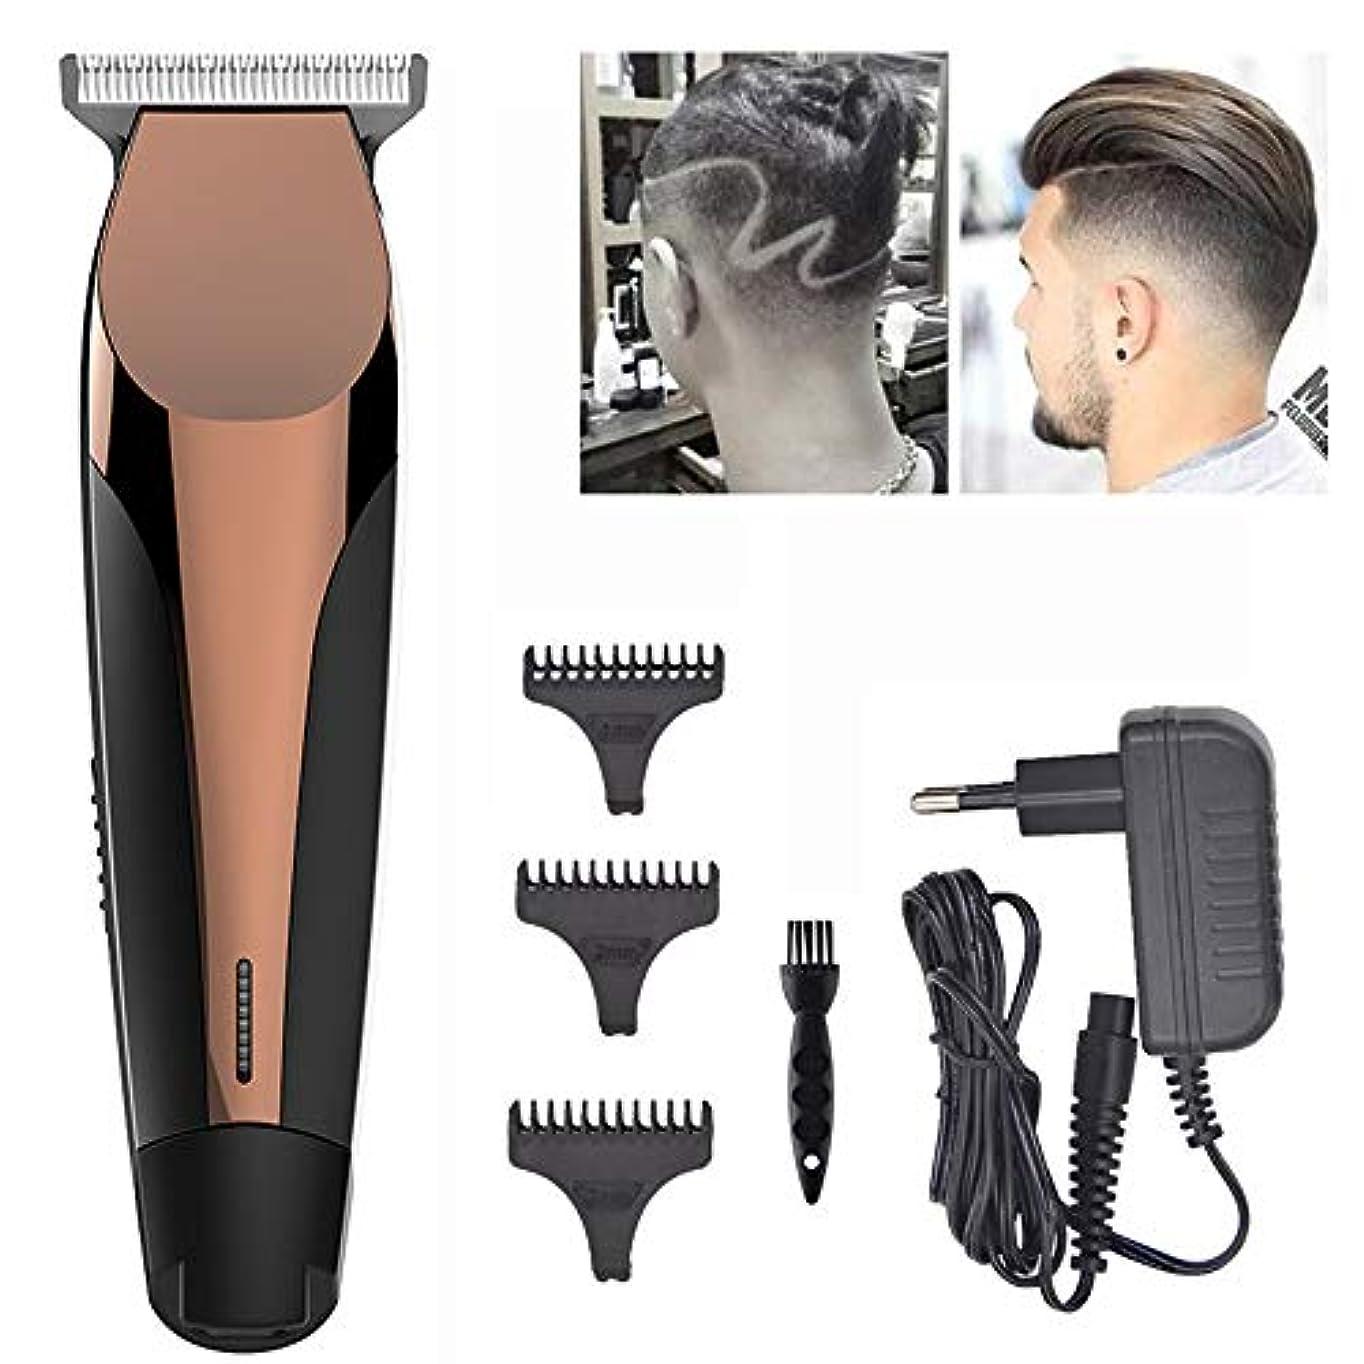 にオッズ小売ヘアクリッパープロフェッショナルワイヤレスヘアトリマープロフェッショナルヘアクリッパービアードシェーバー男性と家族向けの電動ヘアクリップキット